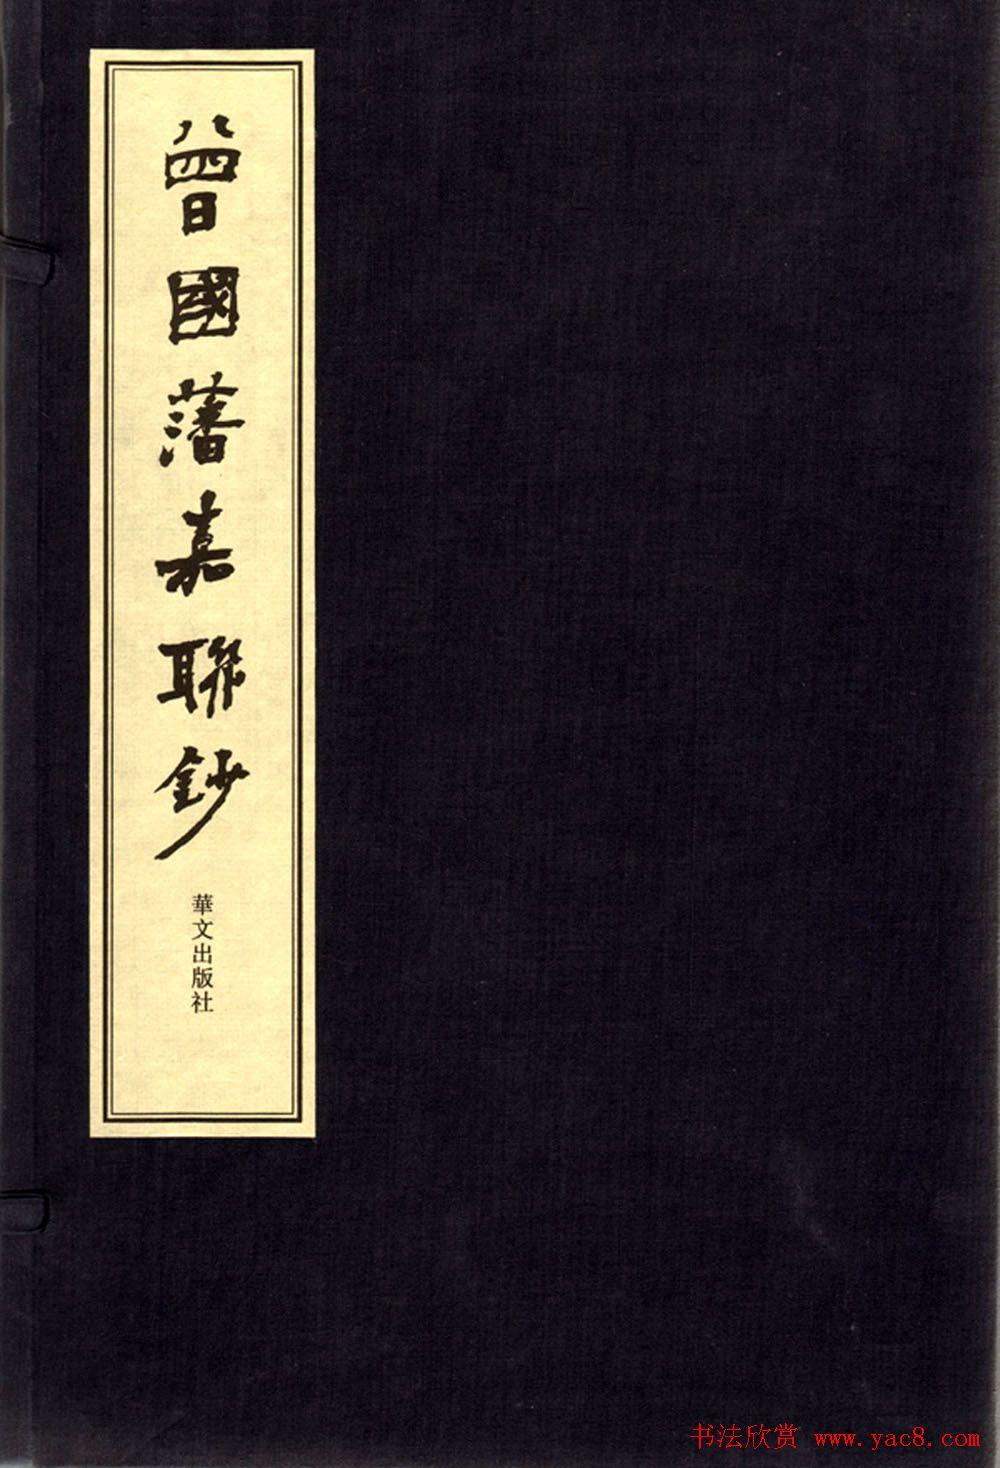 盧中南書法對聯曾國藩嘉聯鈔(共10張圖片)